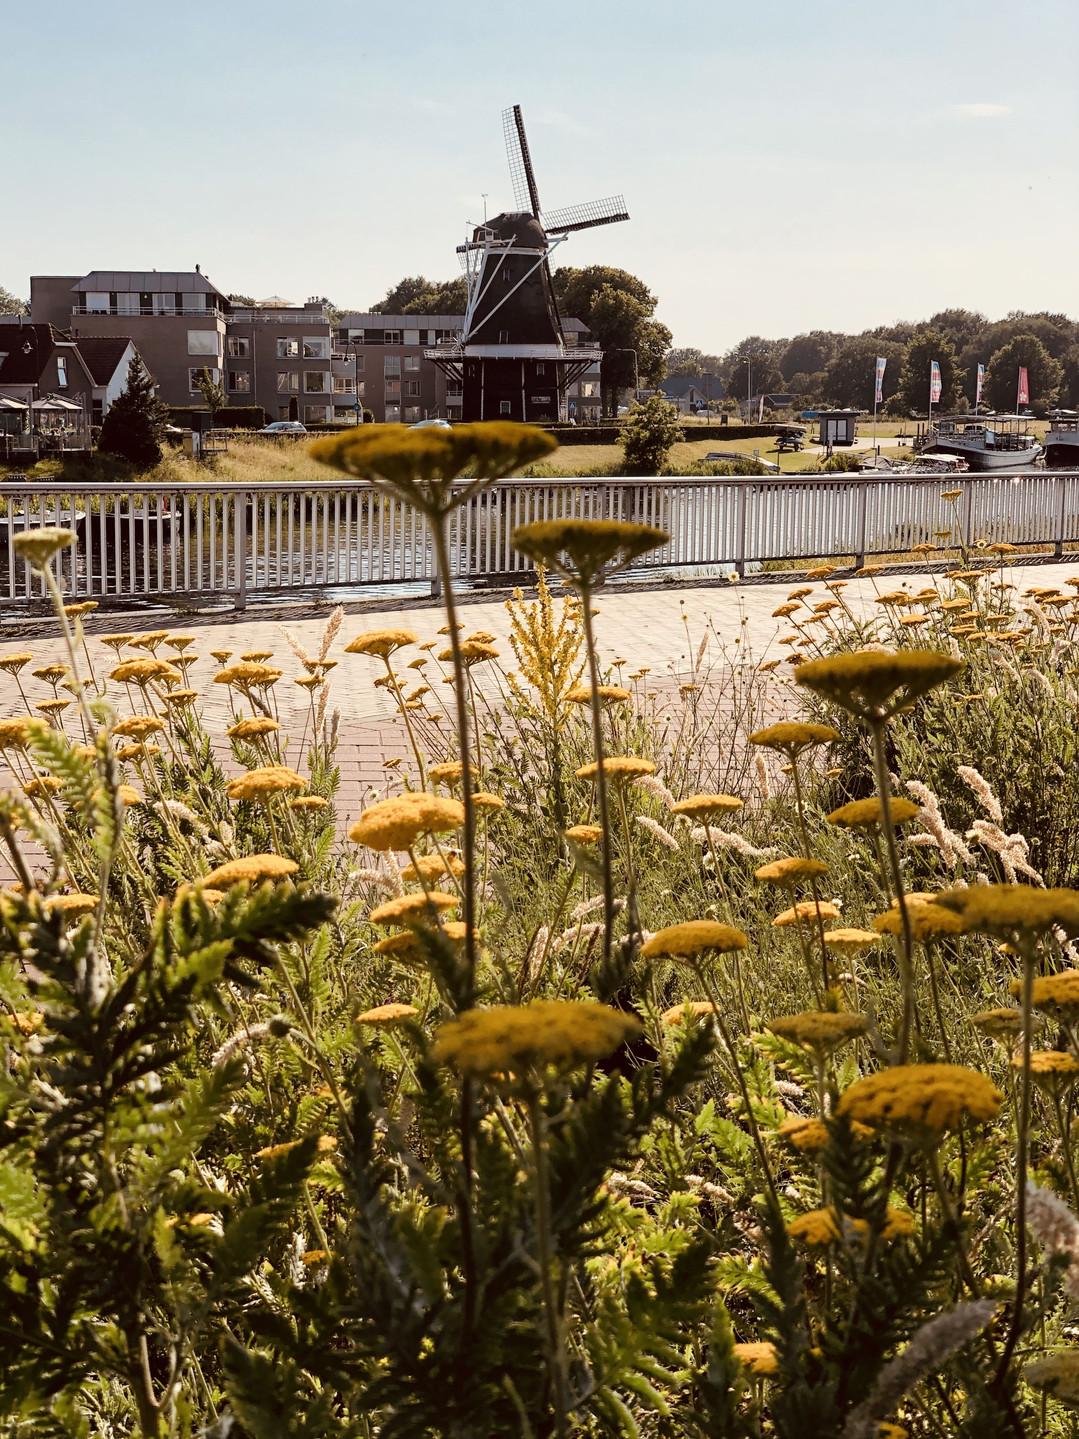 Ommen in Overijssel - the Netherlands